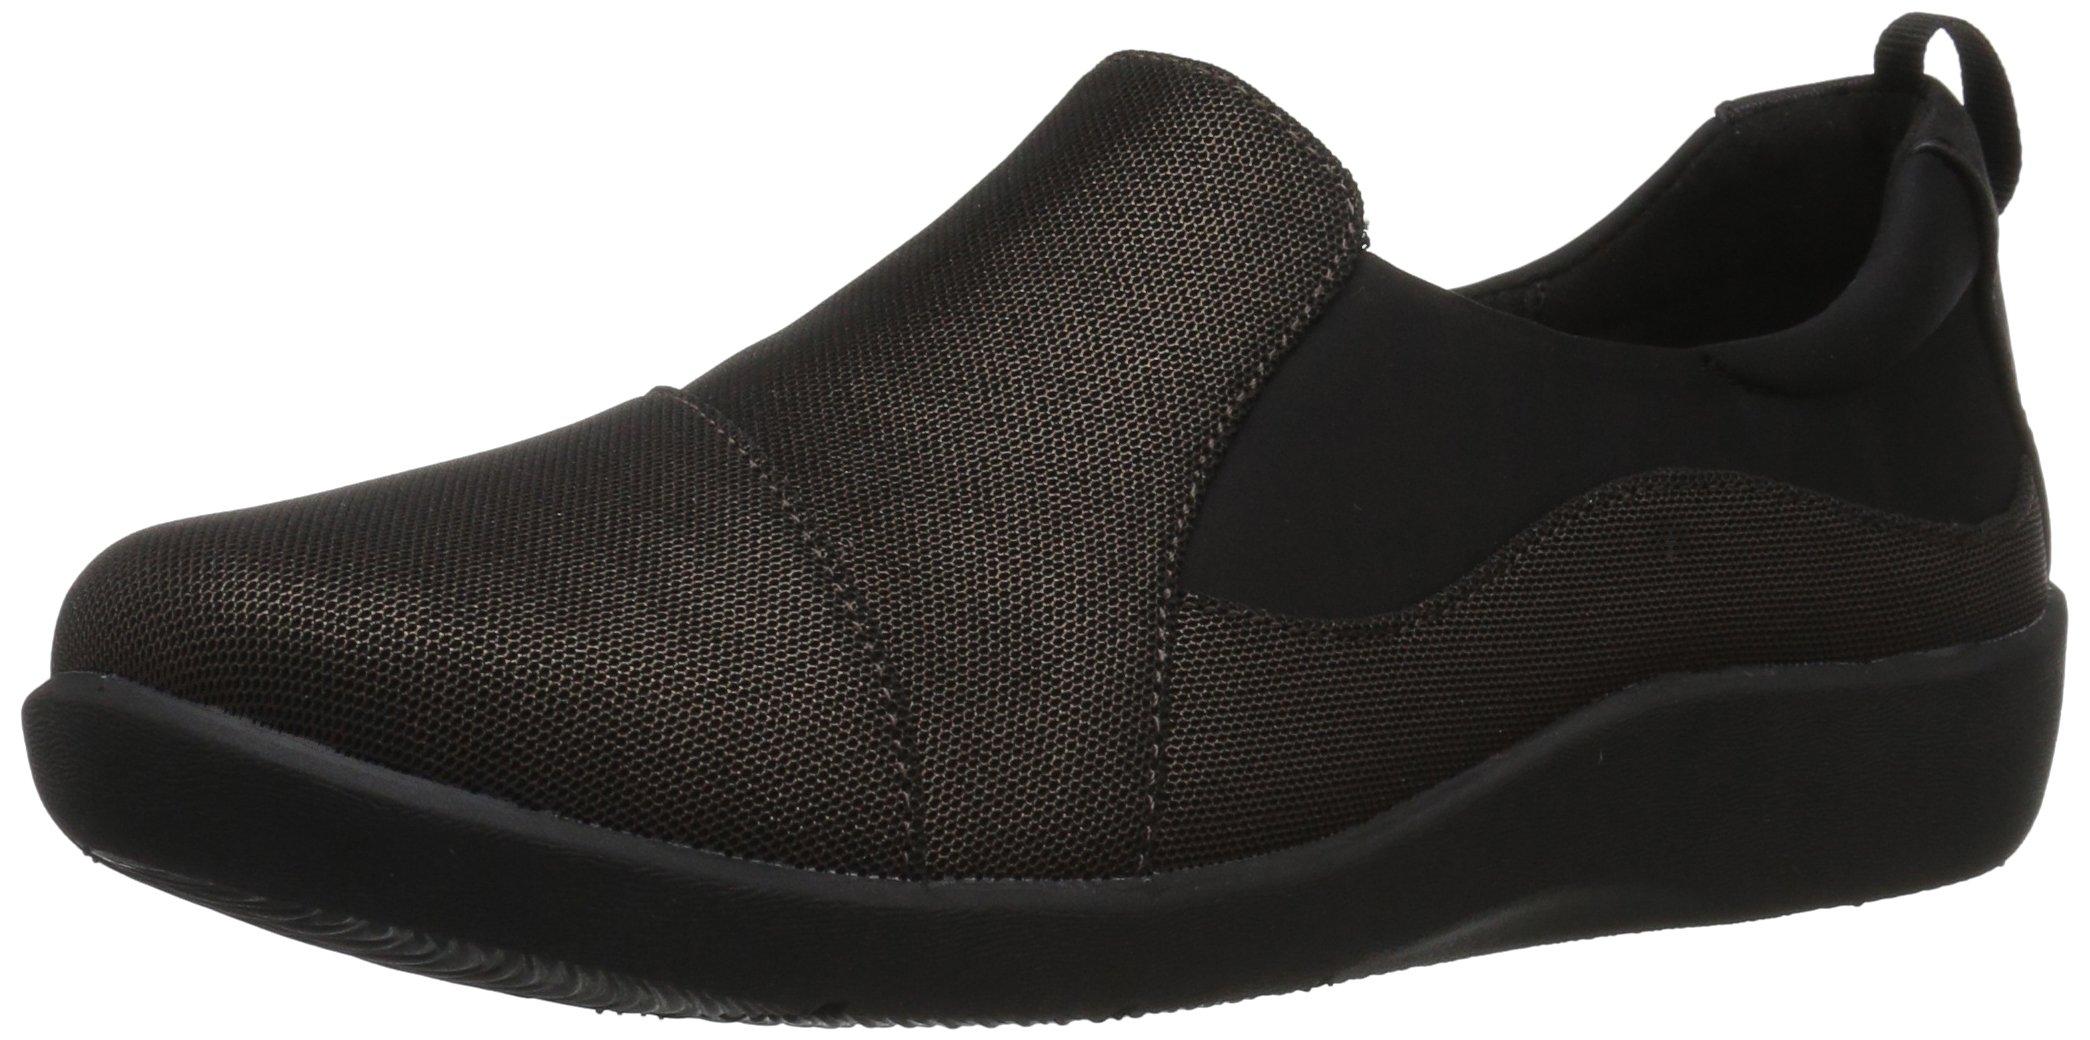 CLARKS Women's Sillian Paz Slip-on Loafer, Bronze Mesh, 7 W US